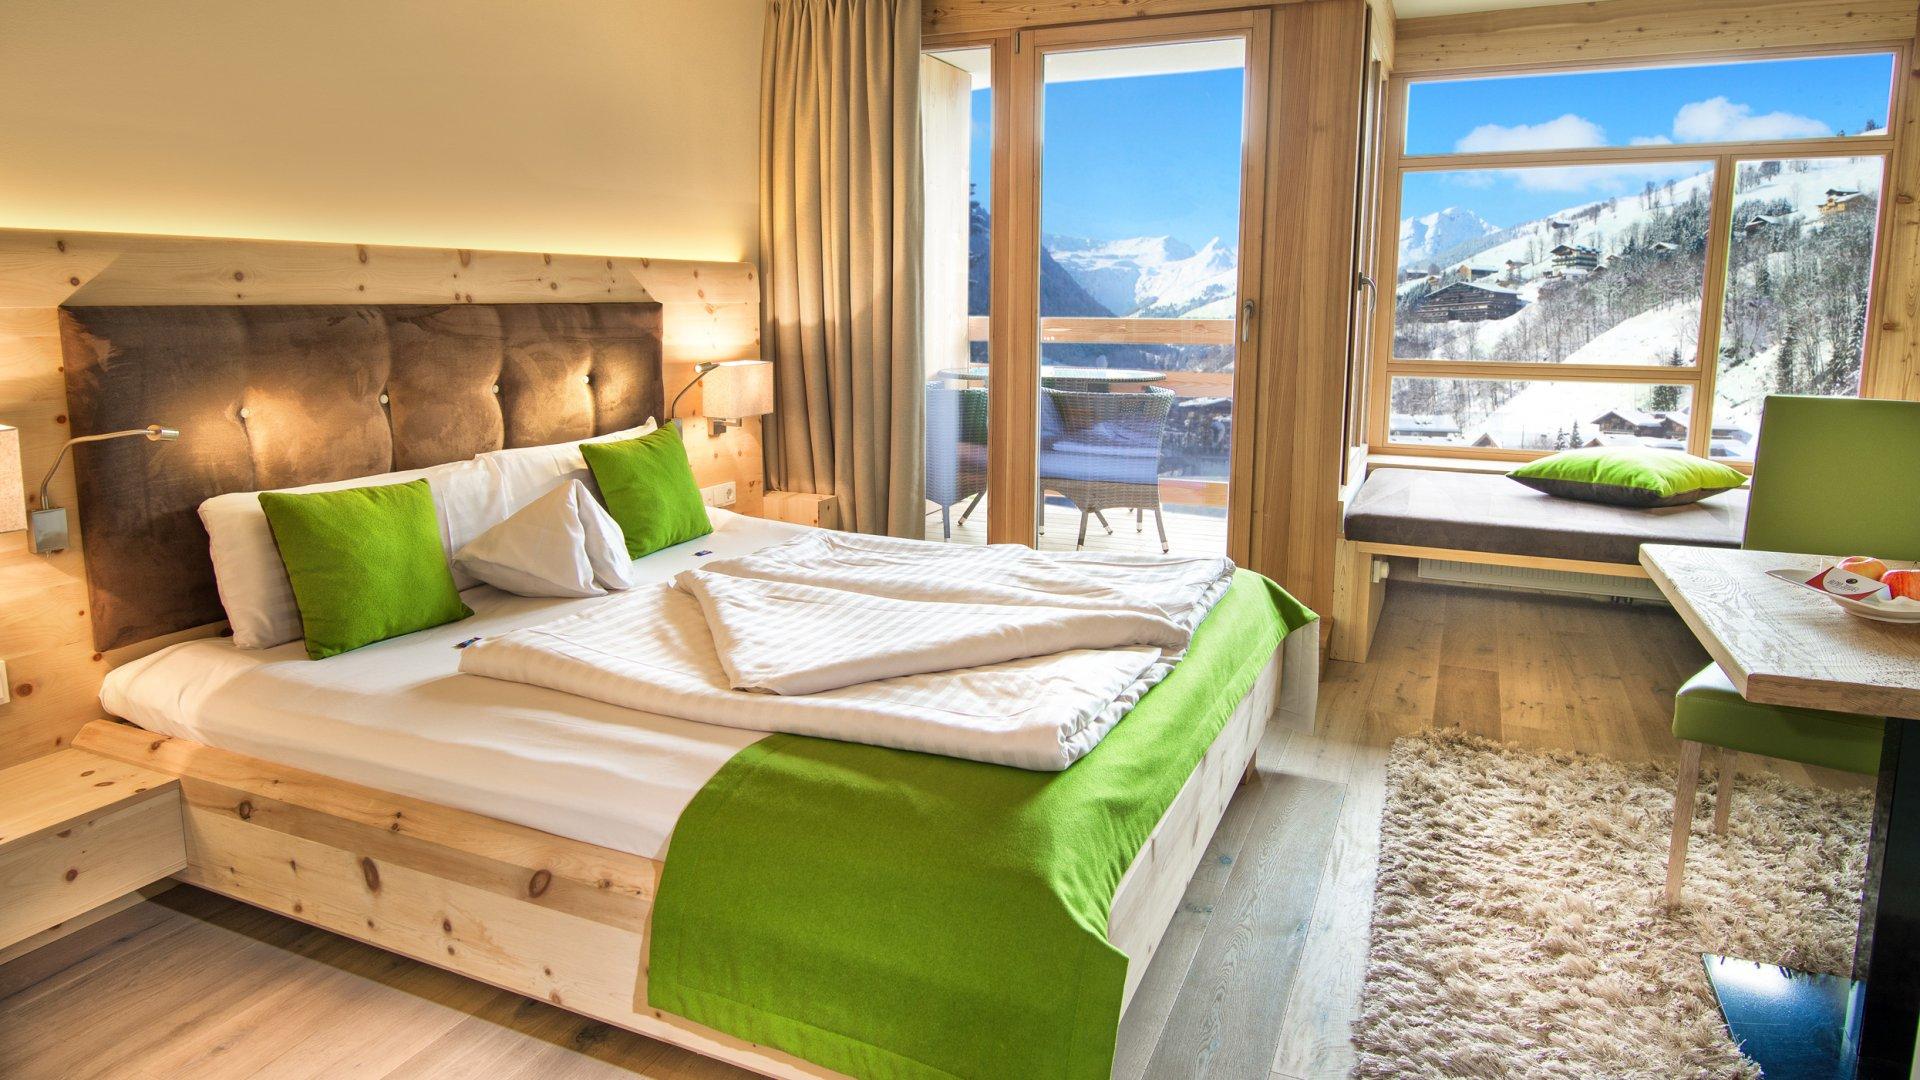 Appartement hotel saalbach hinterglemm wellnesshotel for Modernes wellnesshotel